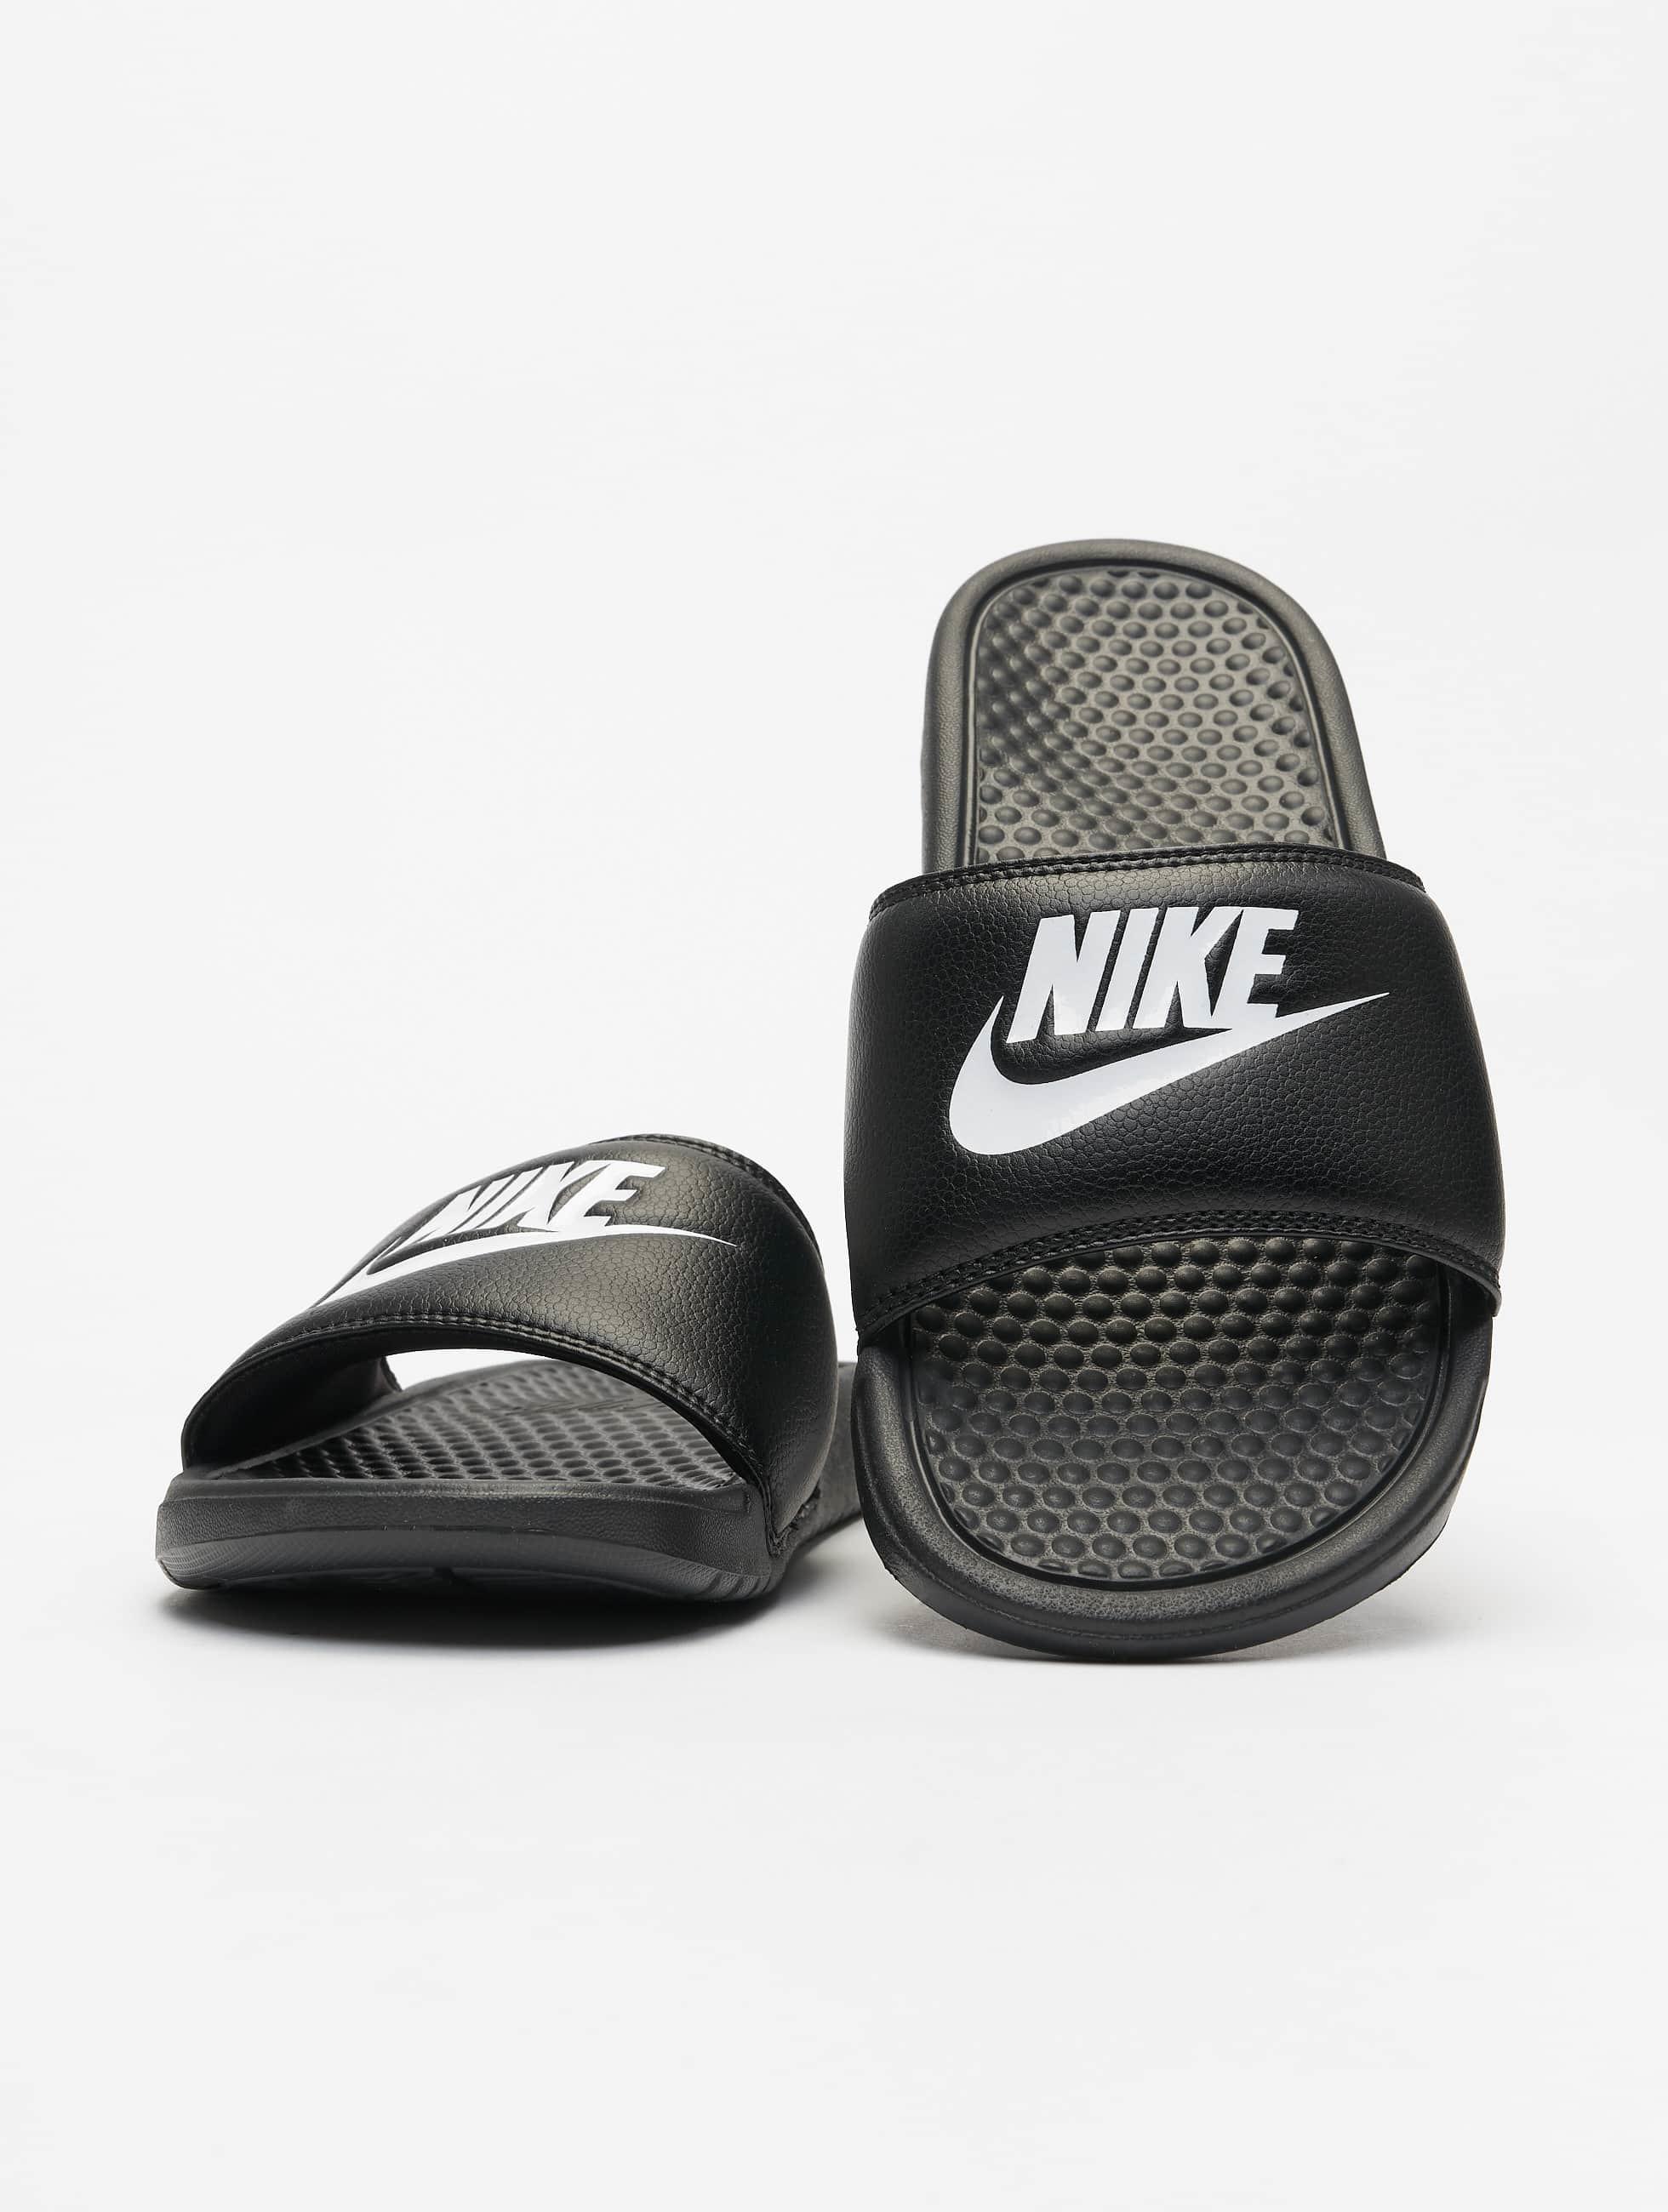 Giuramento proiettore Grave  stabilna kakovost nove slike novo poceni sandaalit nike -  theofficialpingmagazine.com